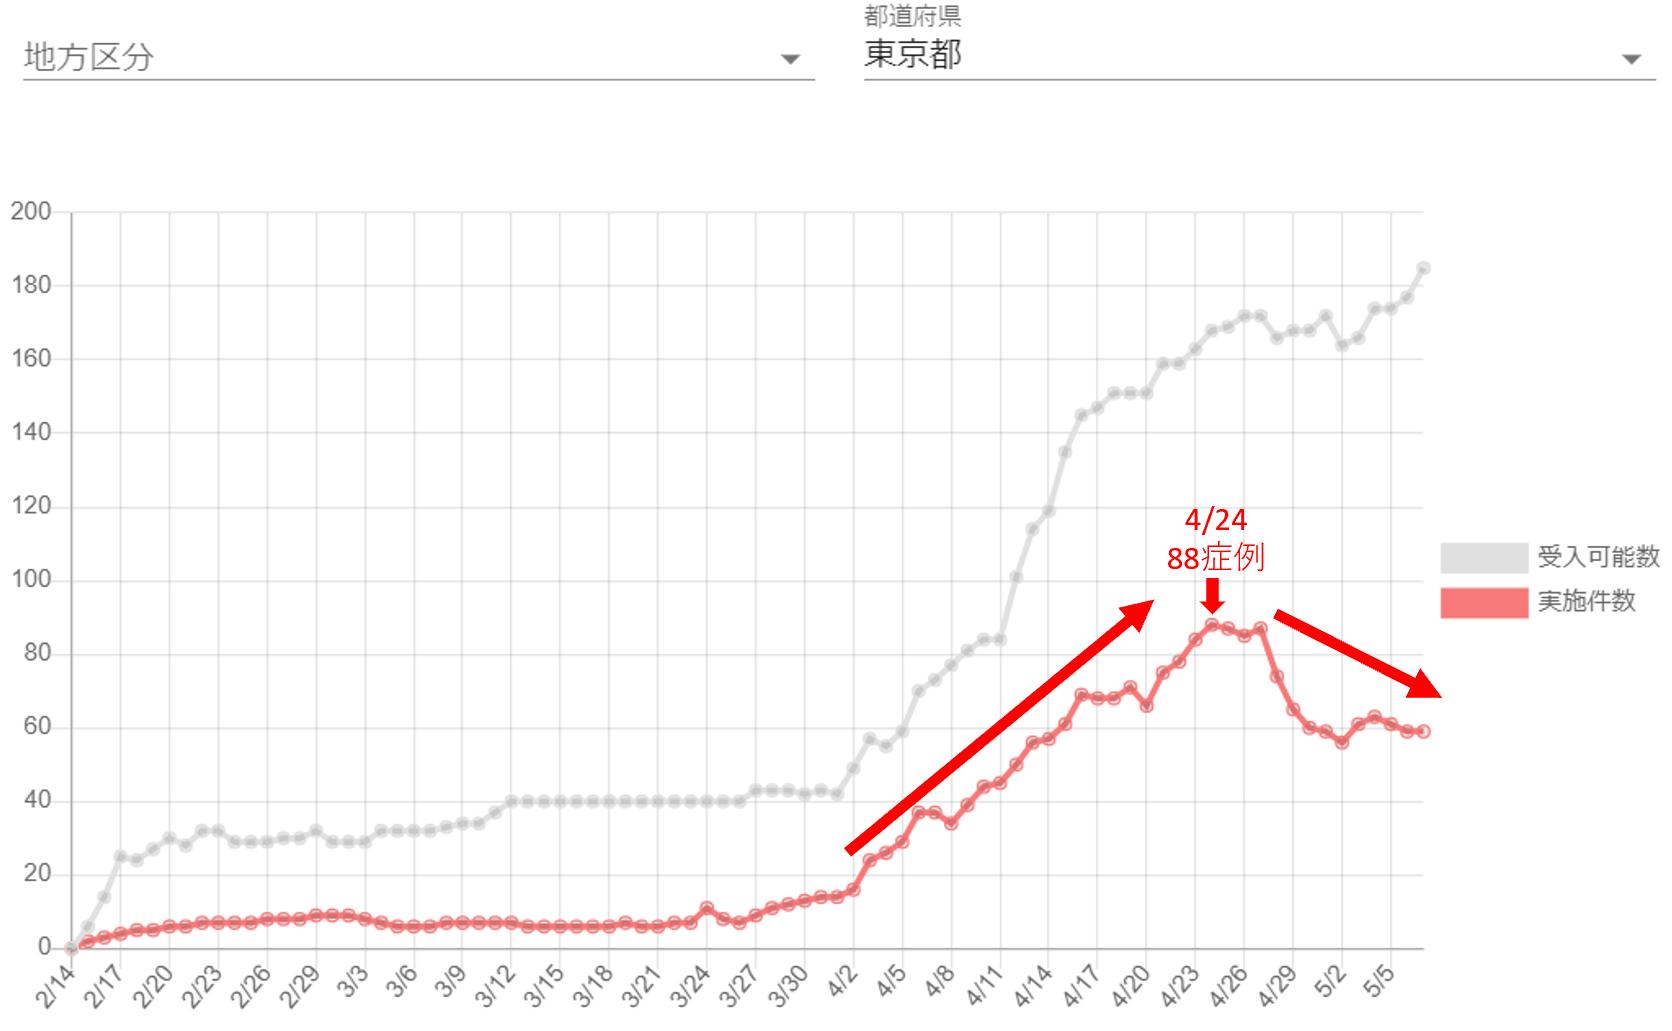 日本 人工 呼吸 器 数